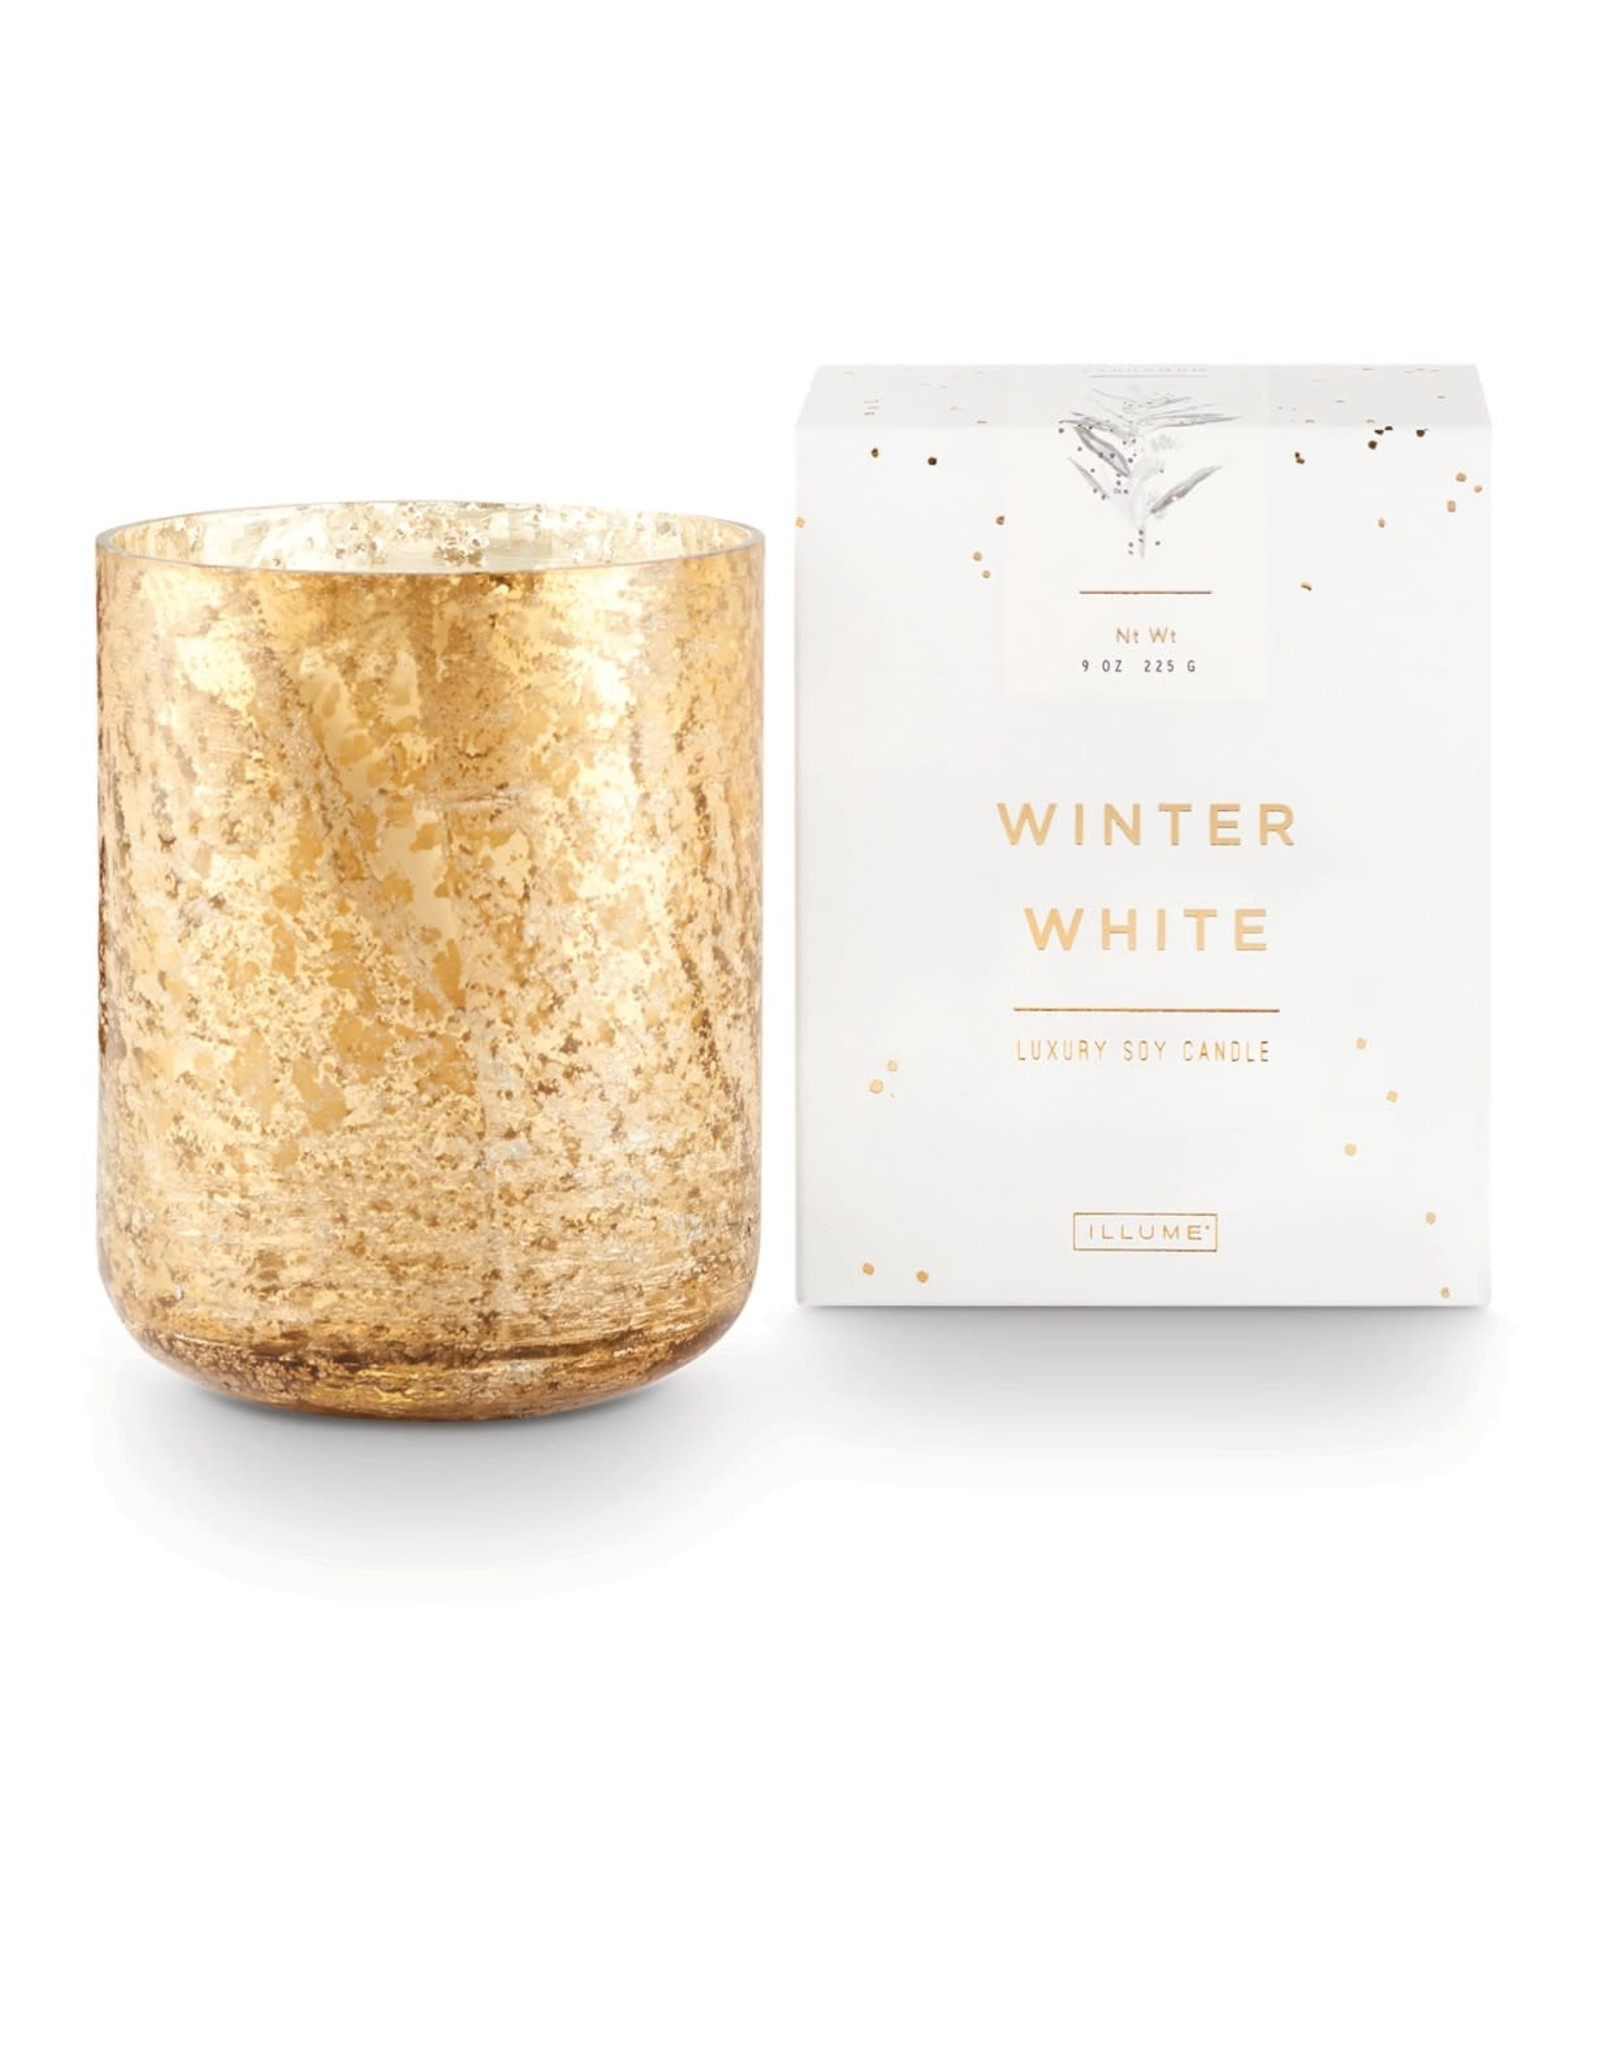 Oak + Arrow Interiors Winter White Small Luxe - 9oz